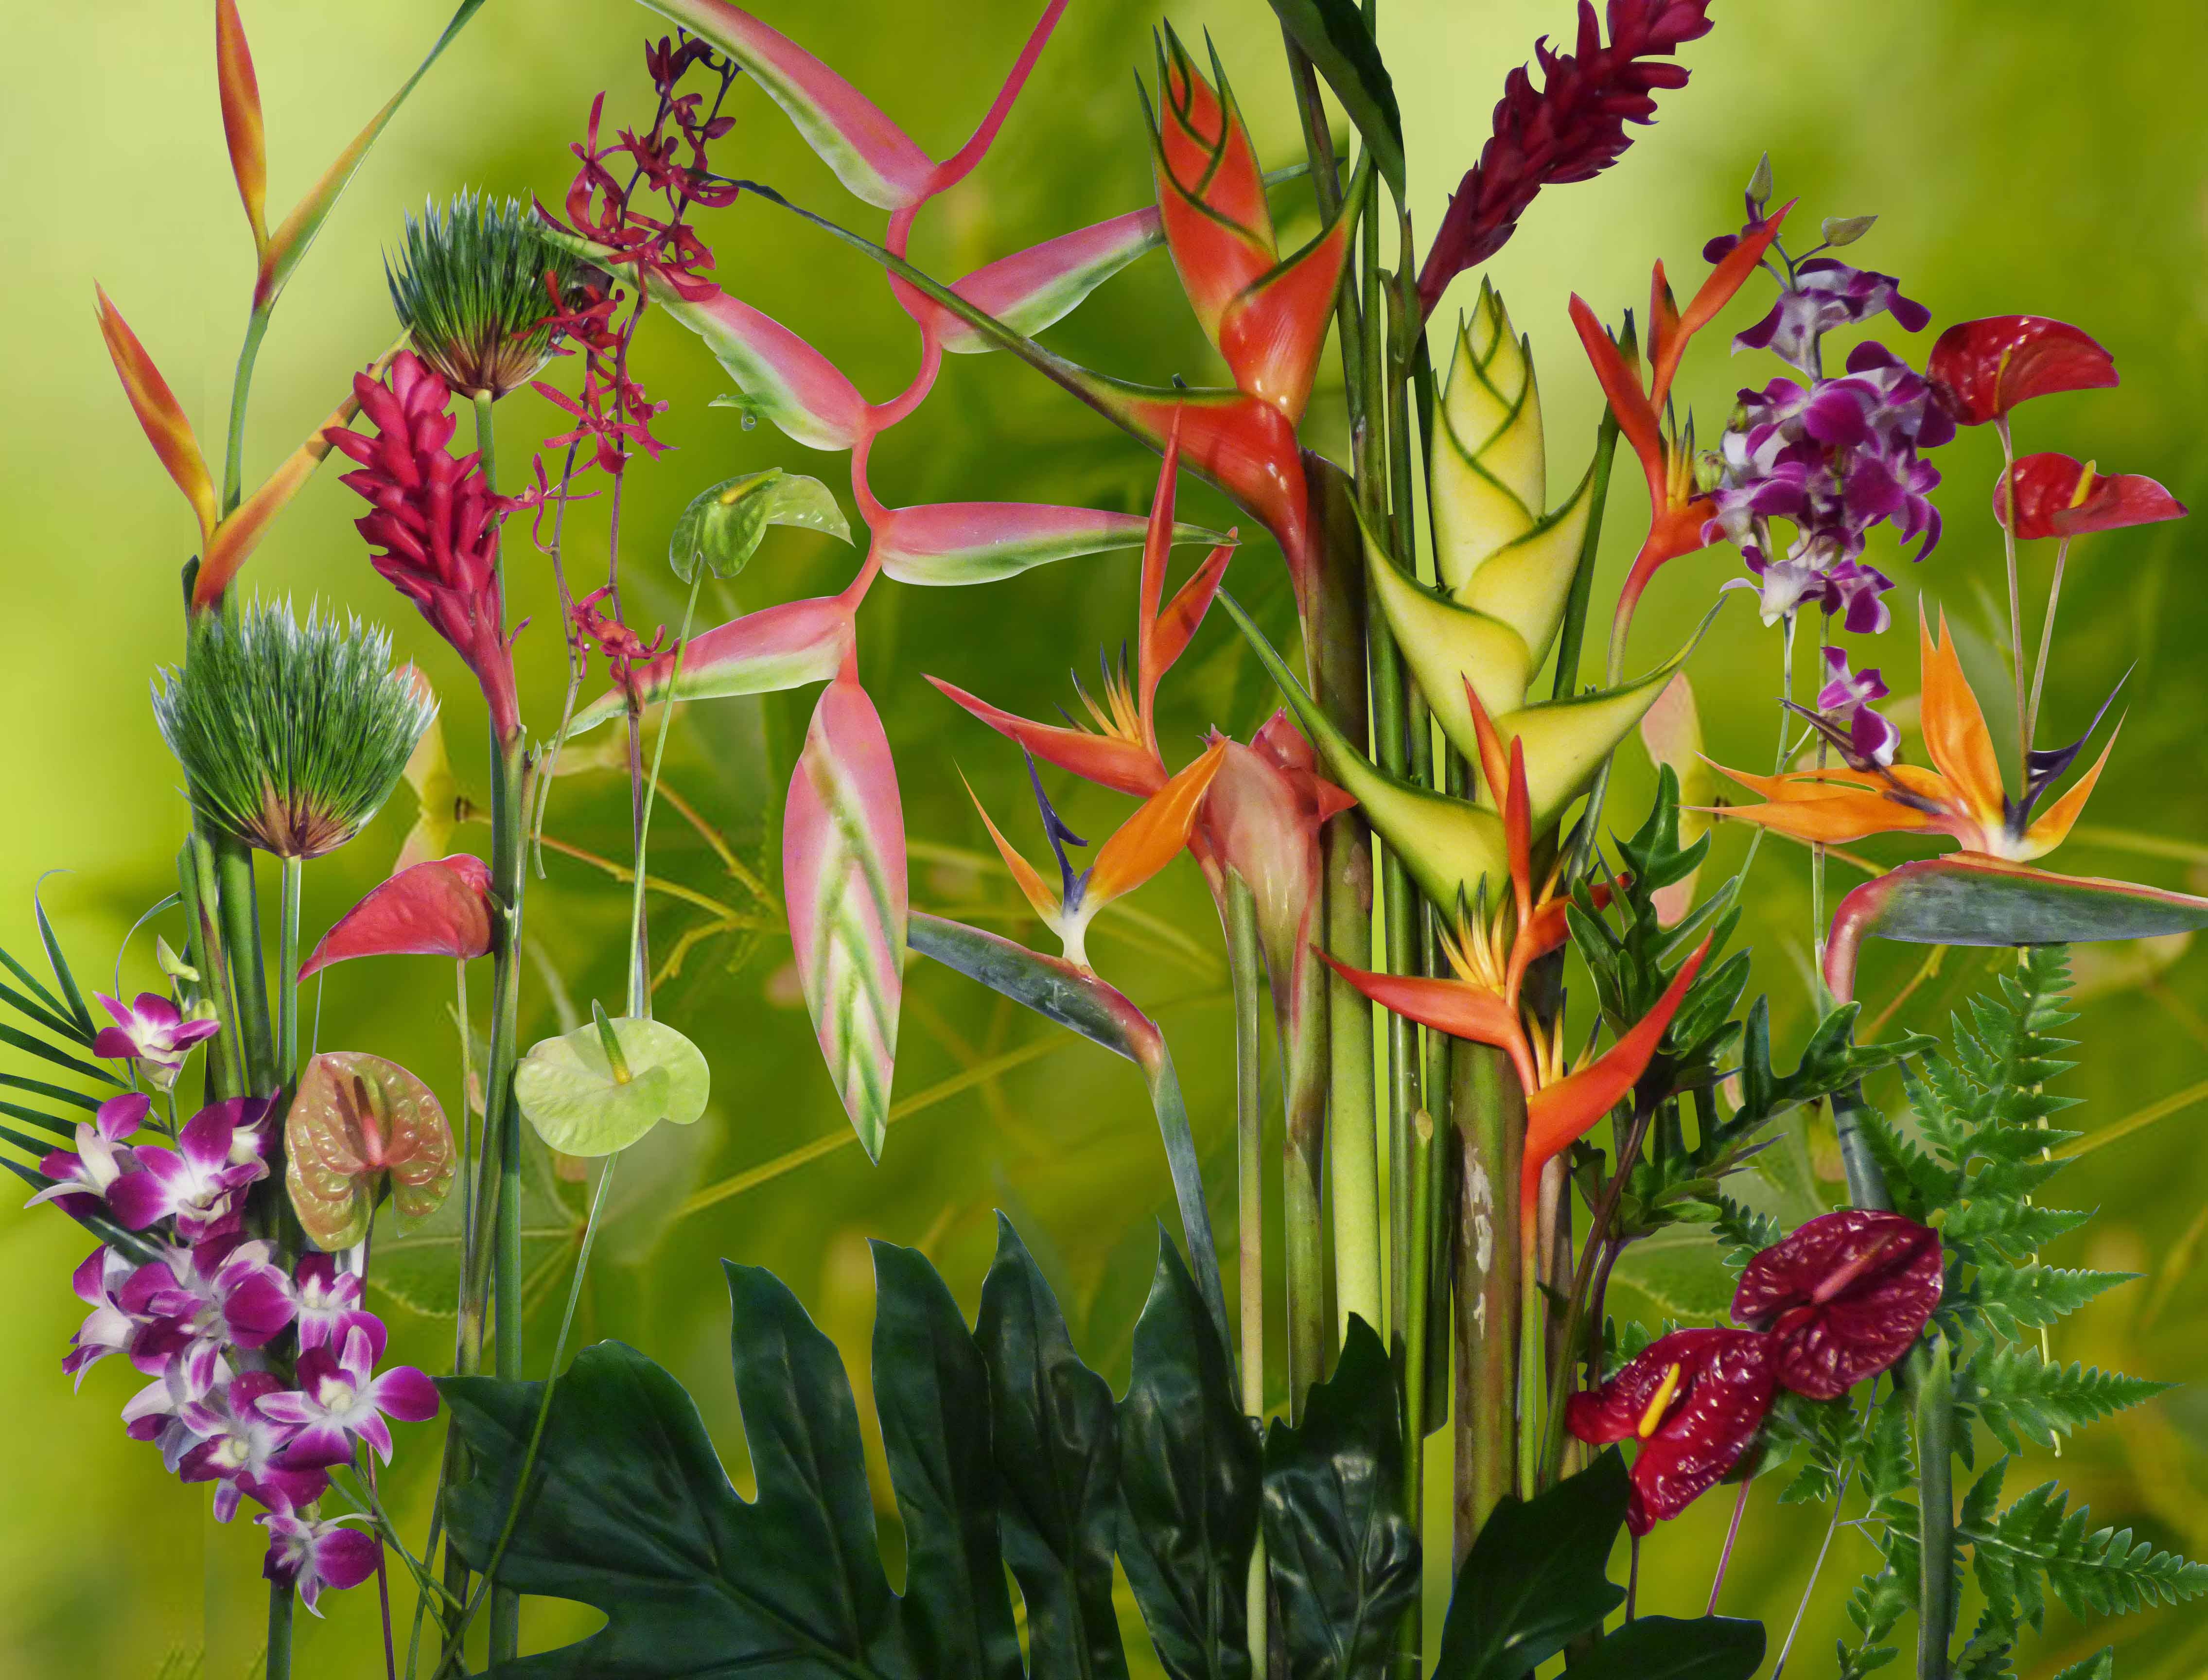 Tahiti fleurs le spcialiste de la fleur tropicale et des produits 0 1 altavistaventures Gallery